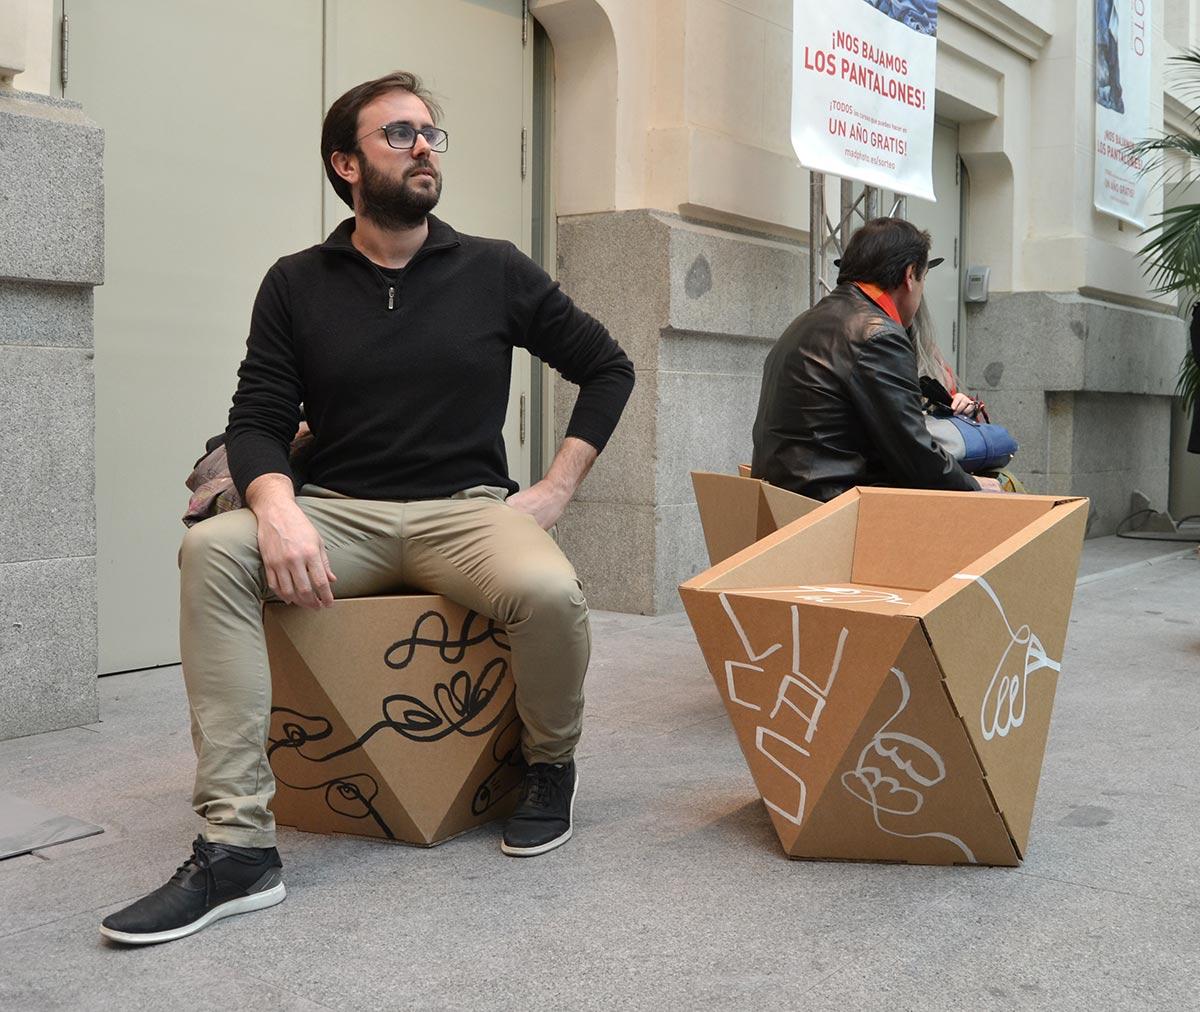 Muebles de cart n para art madrid - Replicas de muebles de diseno ...